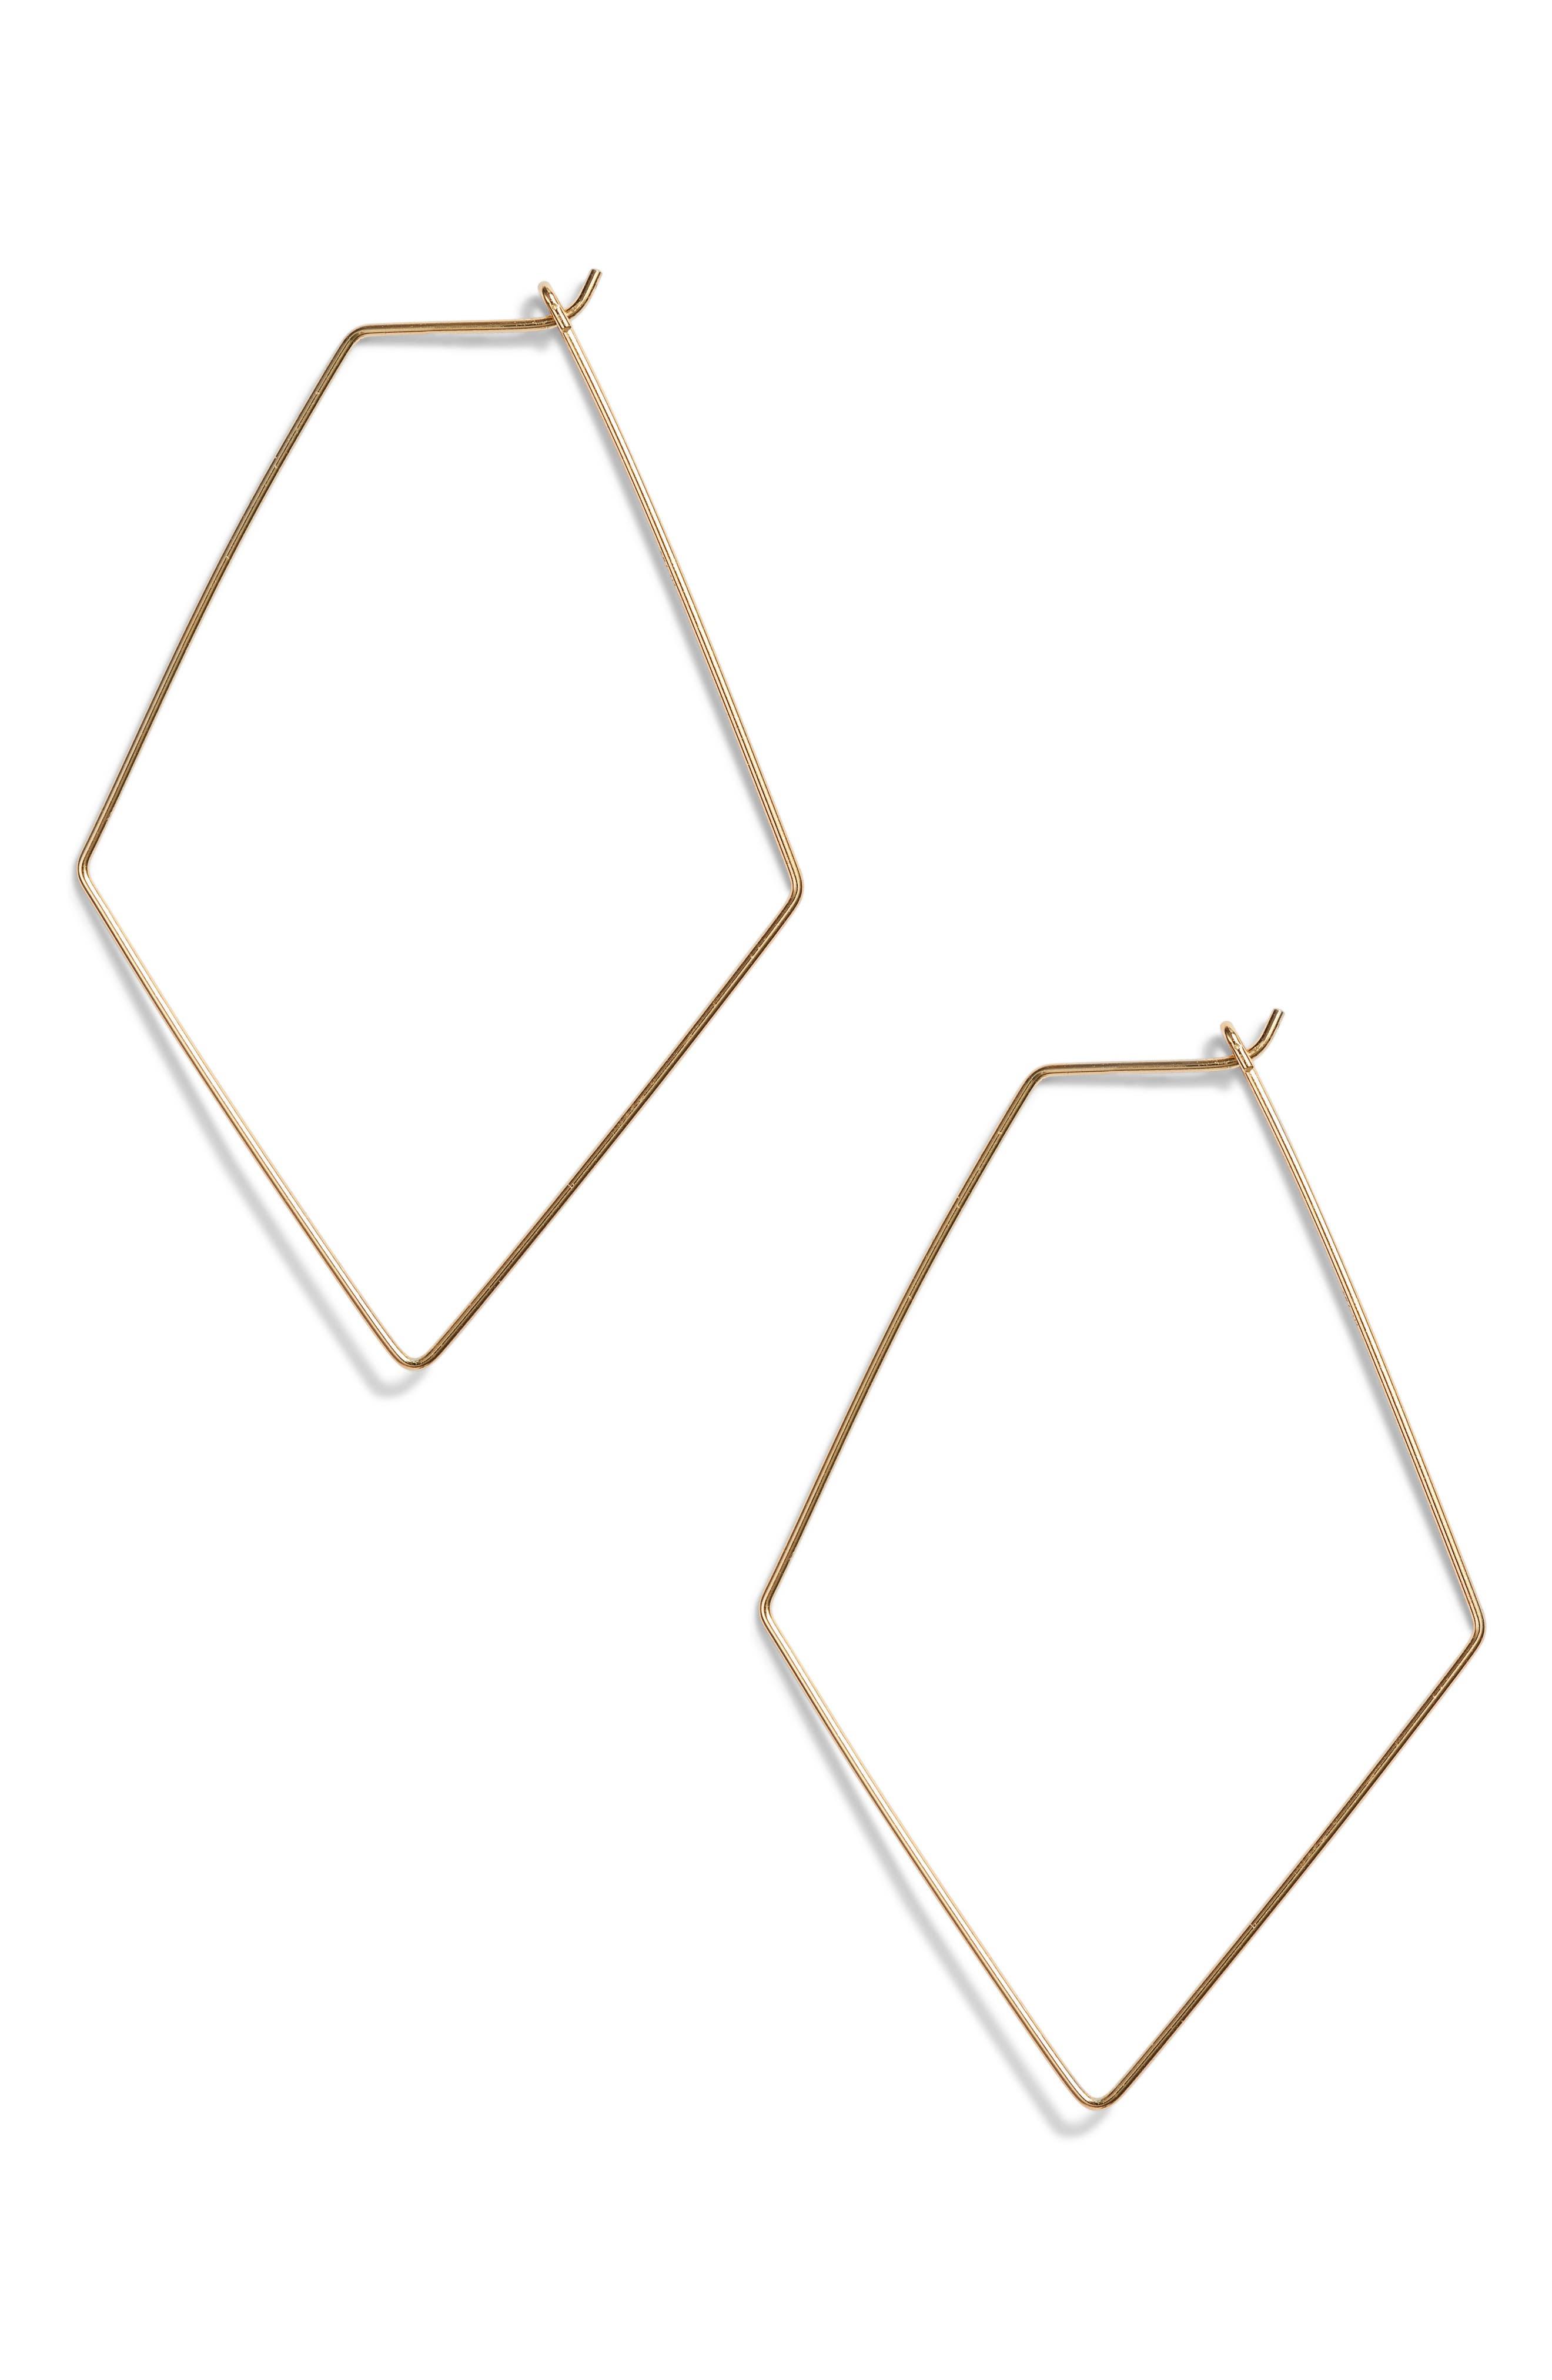 Rhombus Hoop Earrings,                         Main,                         color, Gold